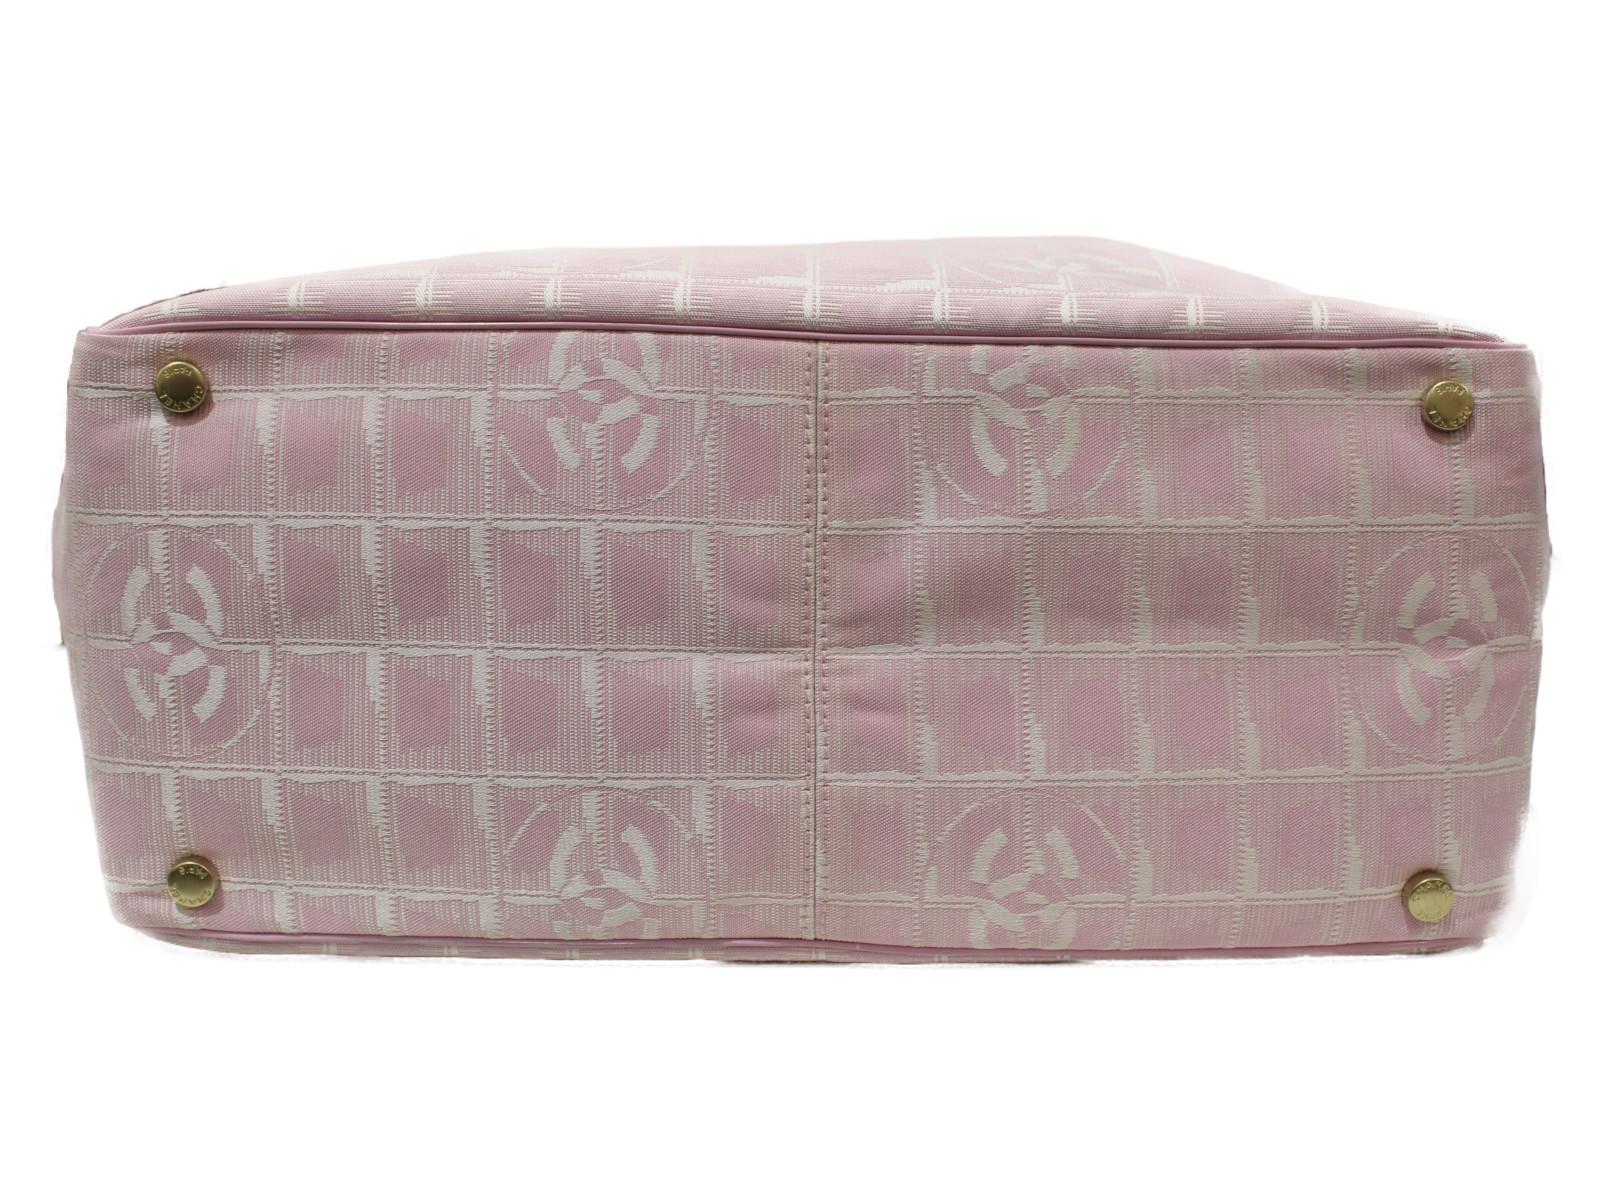 ギャラあり CHANEL ニュートラベルライントート トートバッグ ナイロンキャンバス ピンク レディース 軽い 大容量 プレゼント包装可F1cKJl